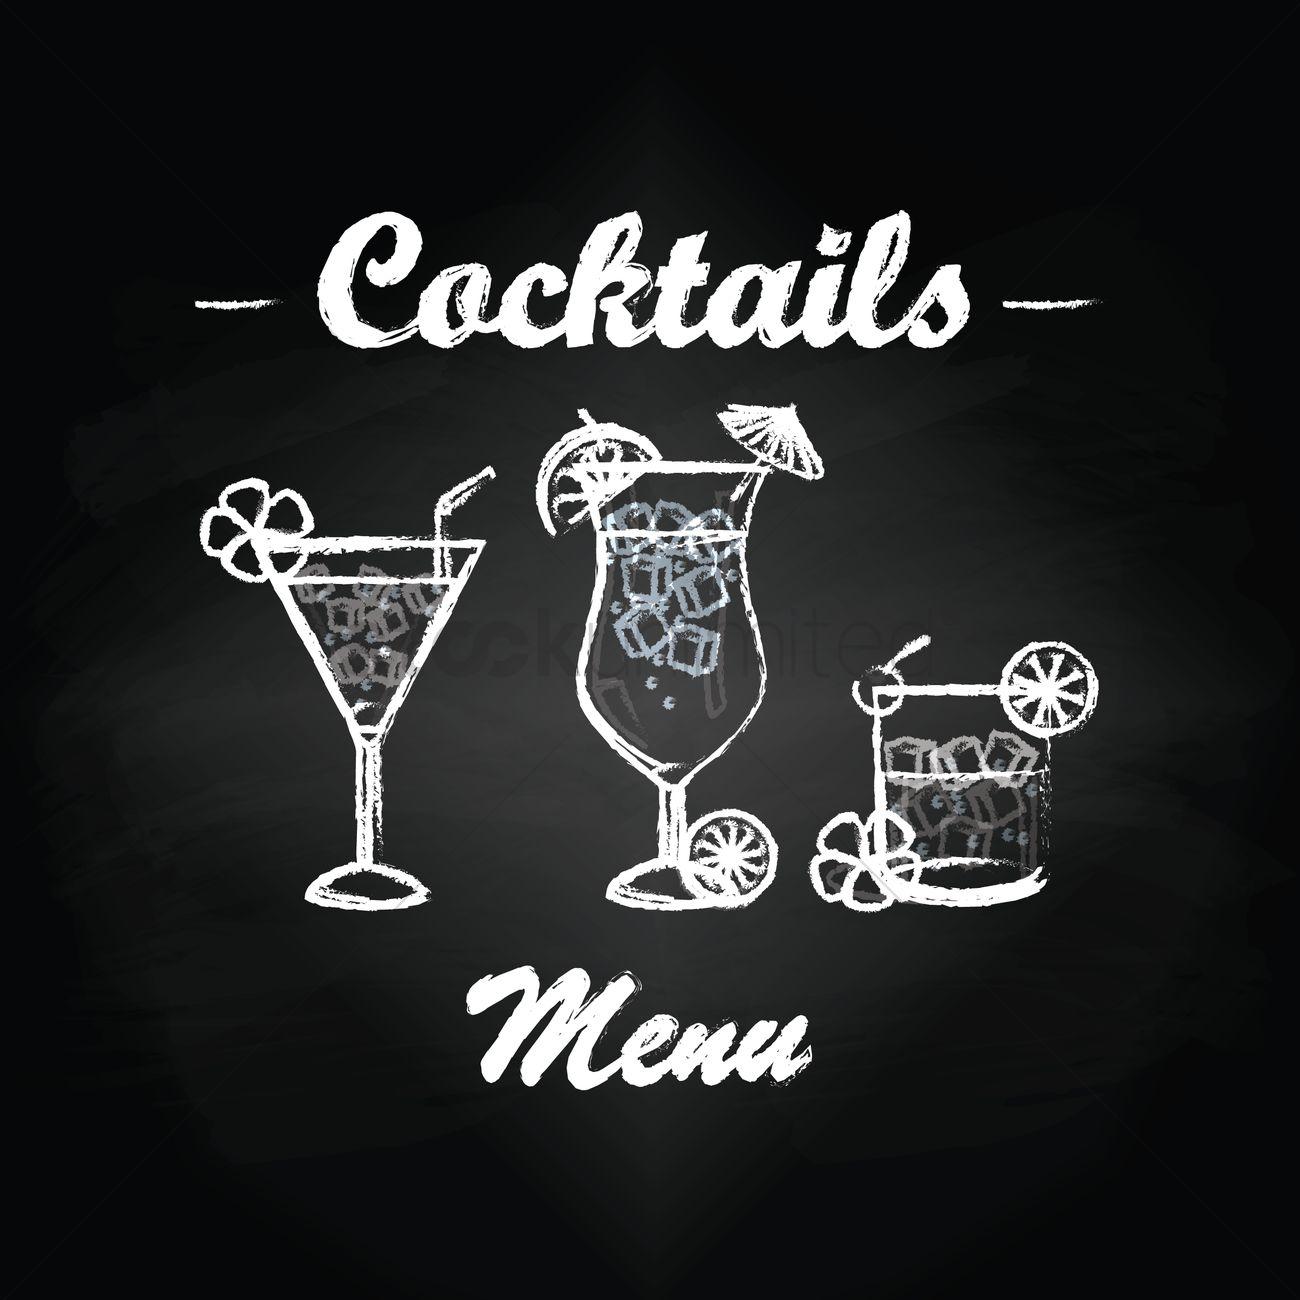 cocktails menu card design vector image 1798412 stockunlimited